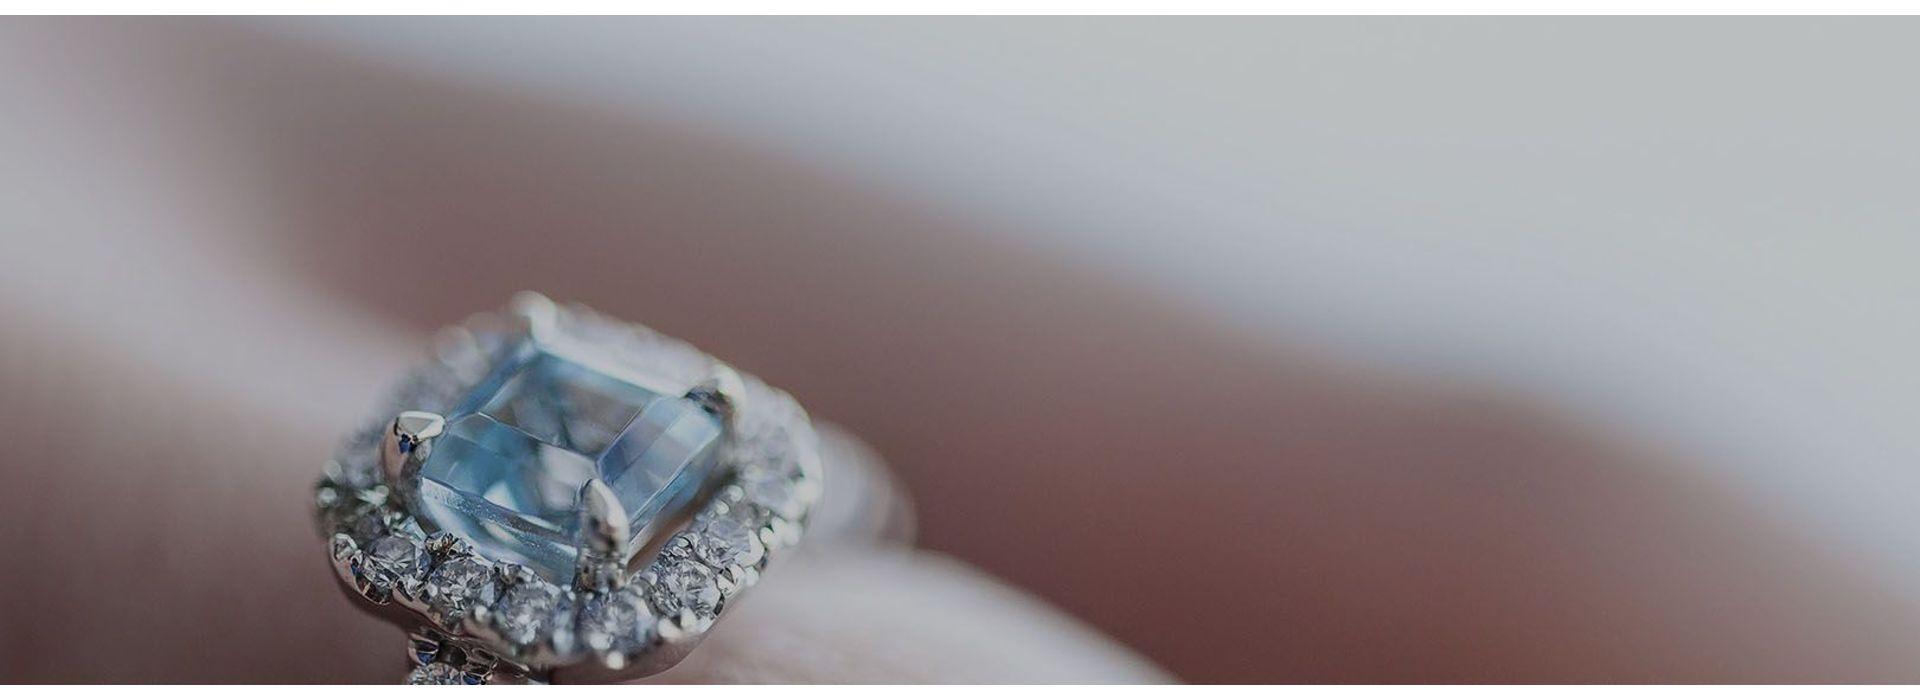 выбери серебряное украшение от SOKOLOV